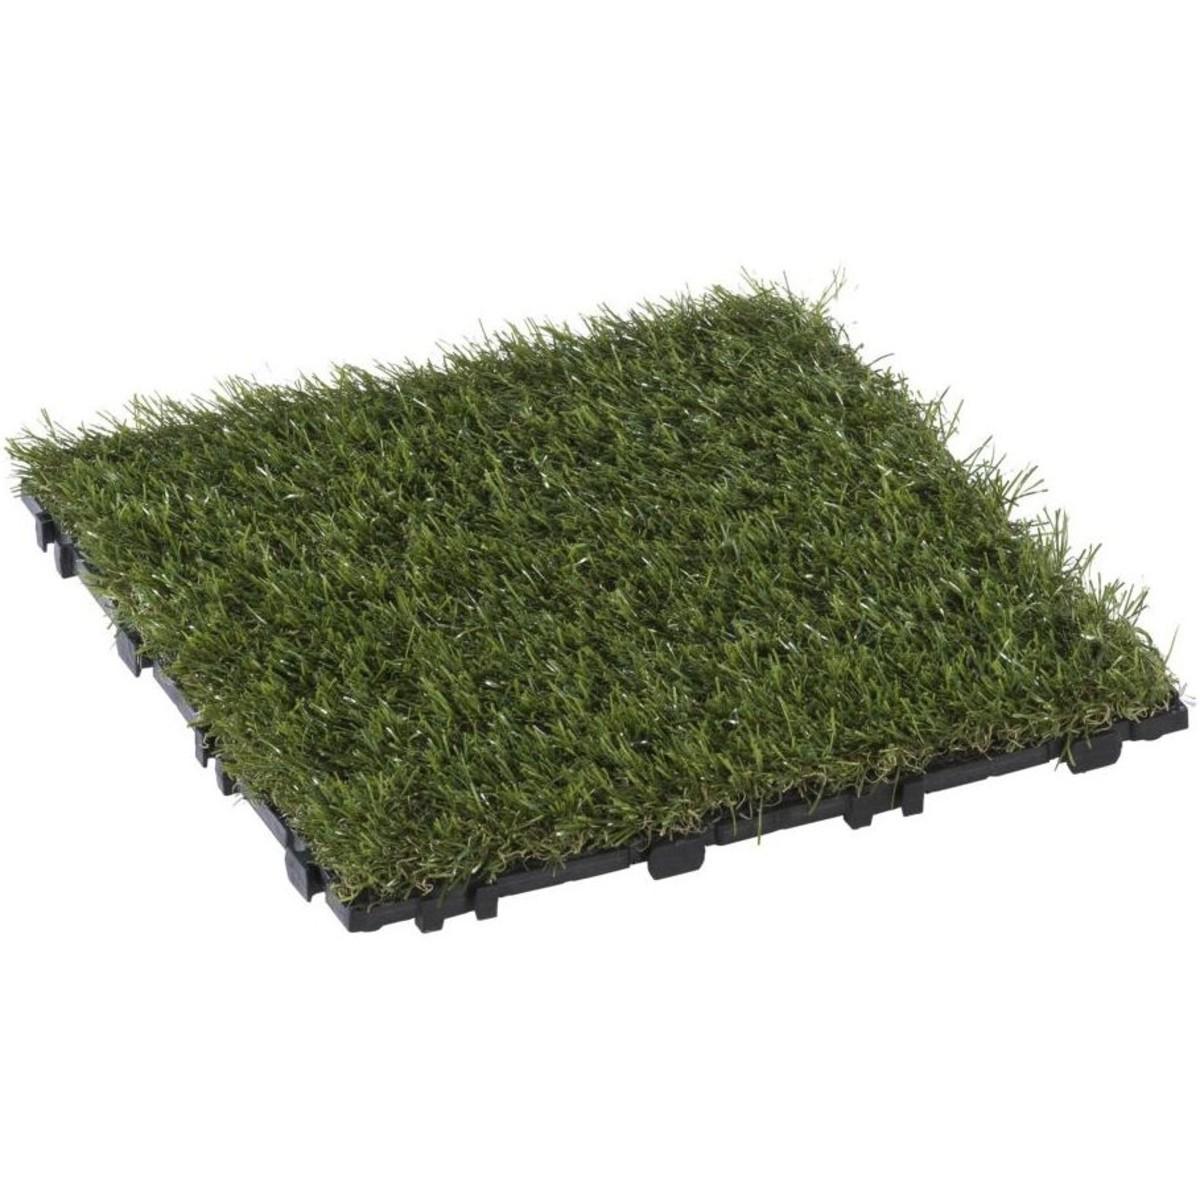 Плитка садовая Искусственная трава 30х30х2.5 см комплект 8 шт.